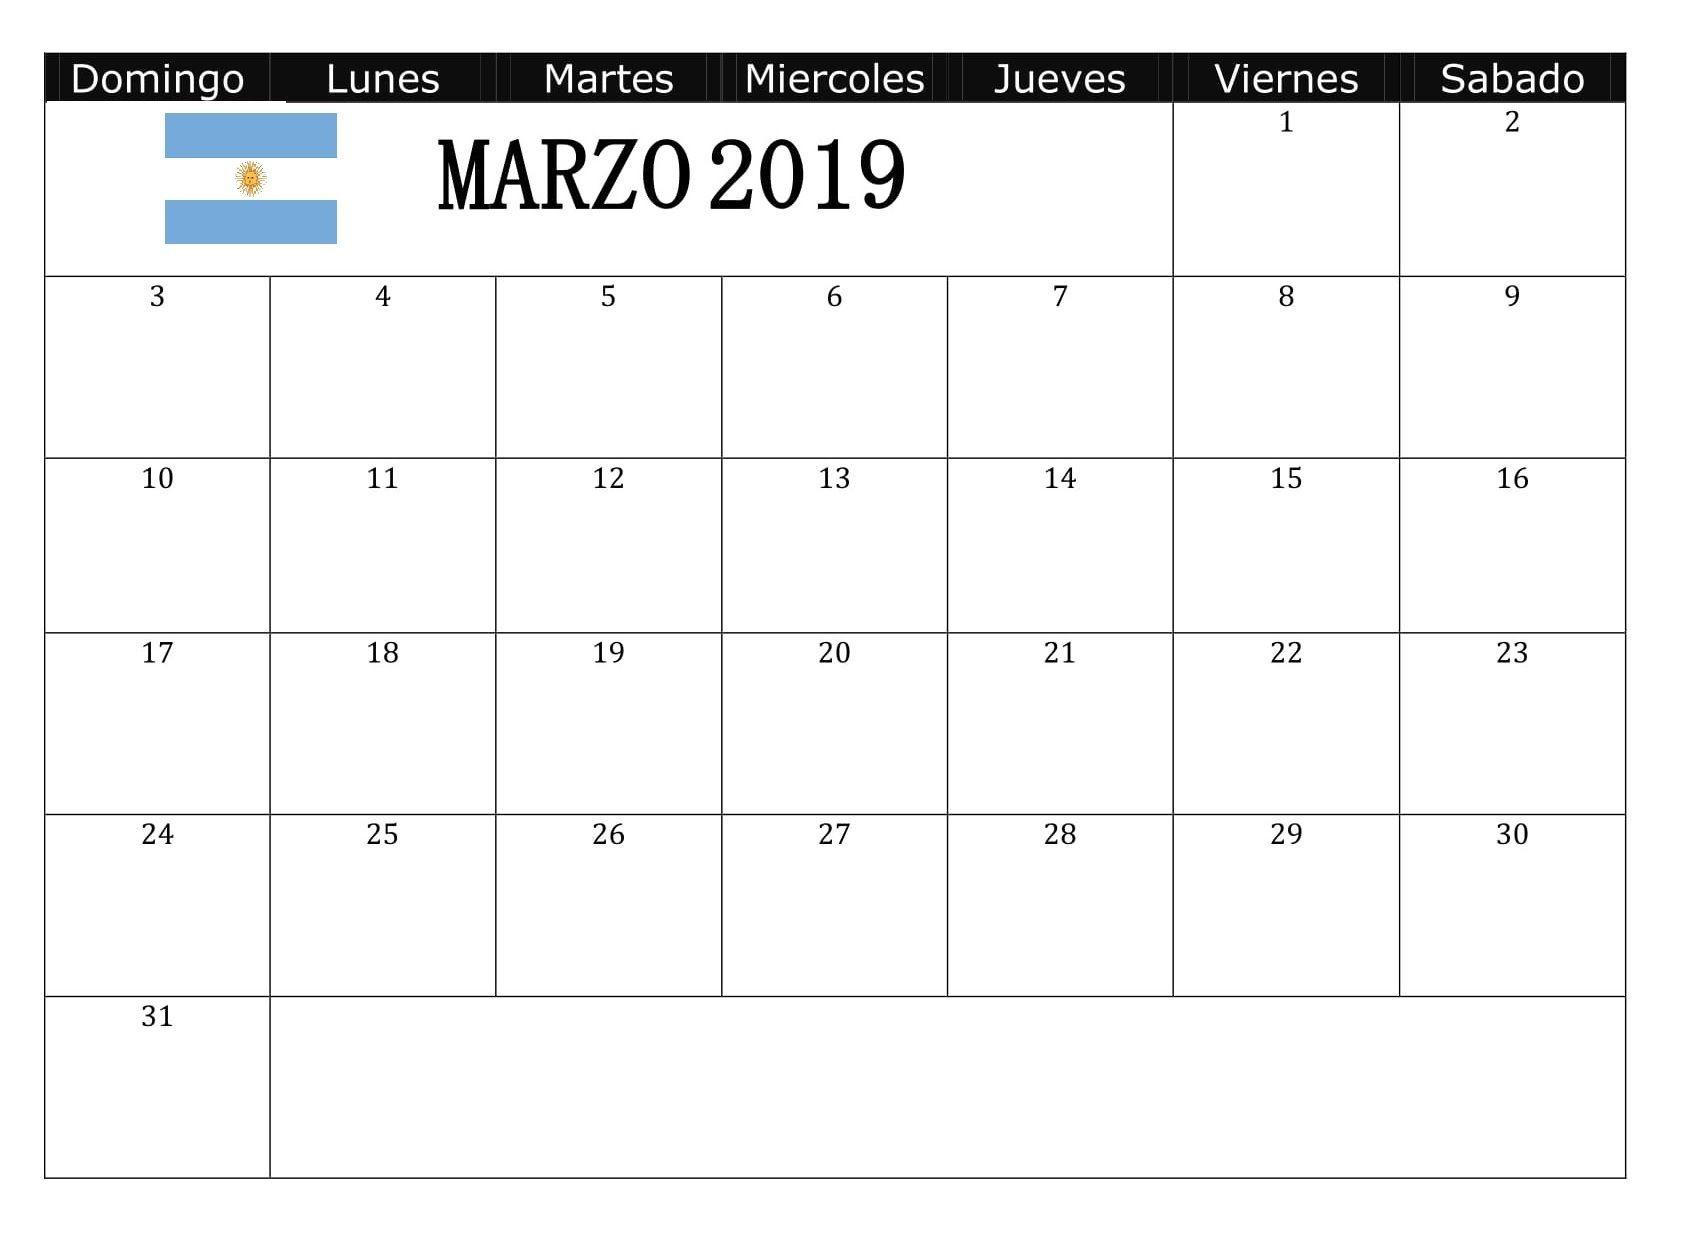 Calendario 2019 Argentina Recientes Calendario Marzo 2019 Argentina Of Calendario 2019 Argentina Mejores Y Más Novedosos Sin Embargo Este Es Calendario Academico 2019 Argentina